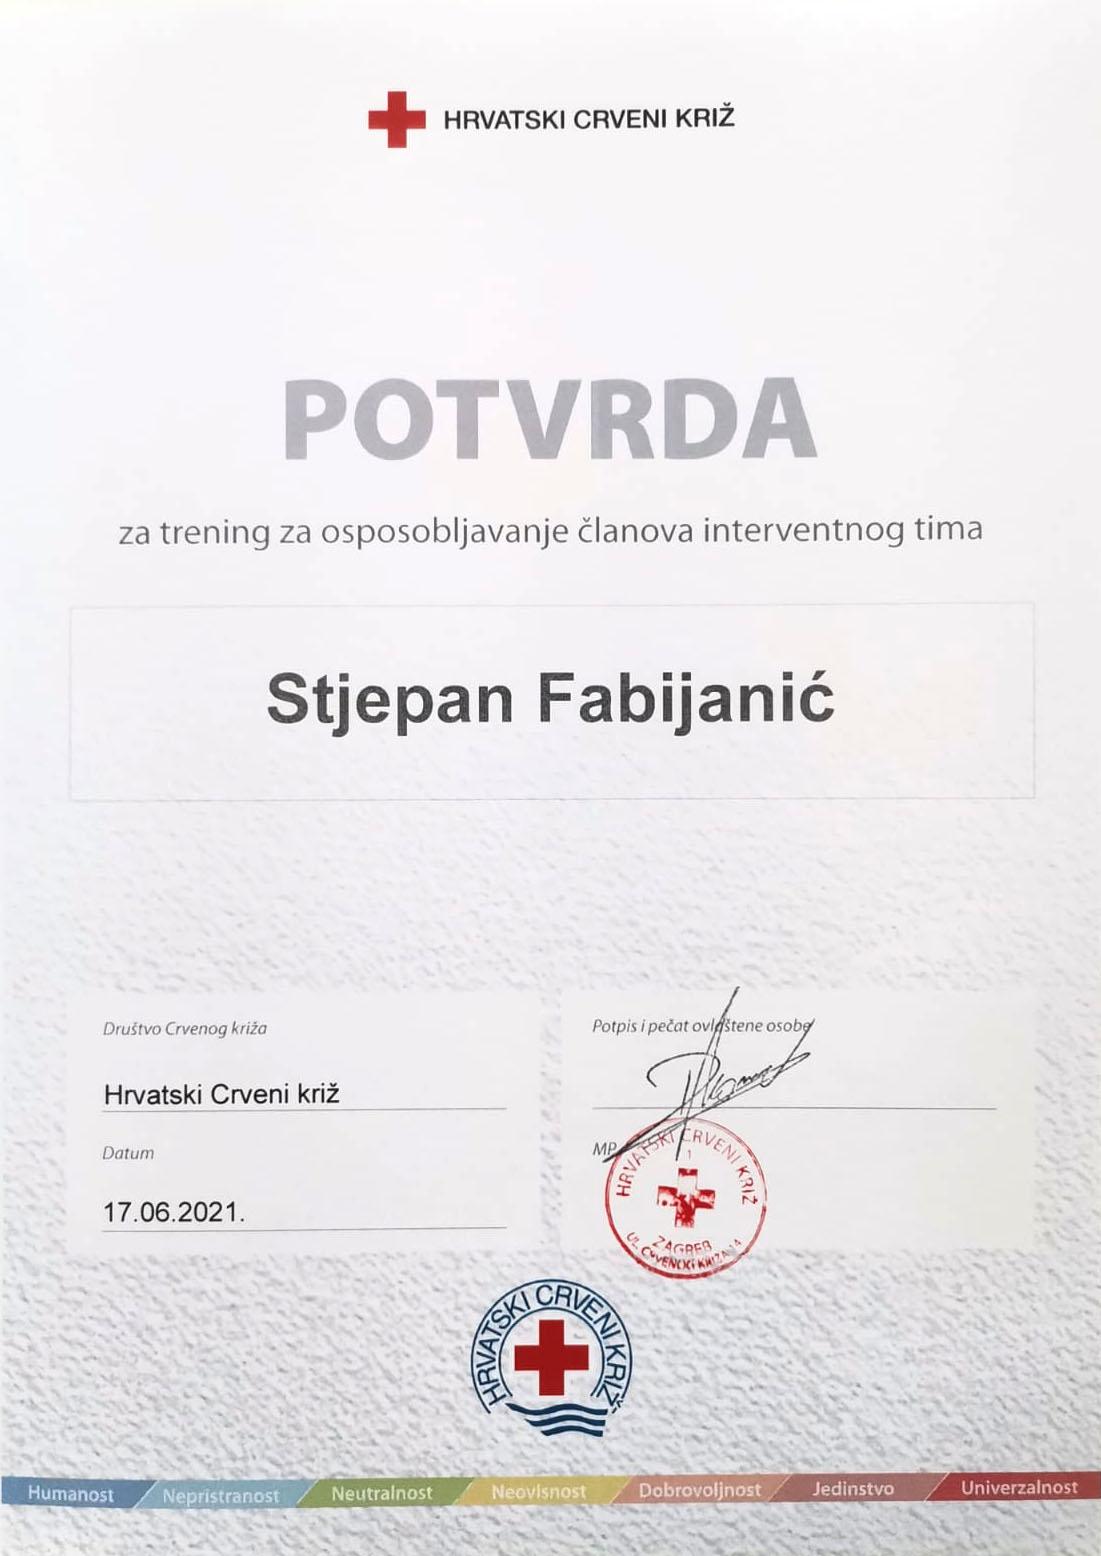 Stjepan Fabijanić postao član Interventnog tima HCK